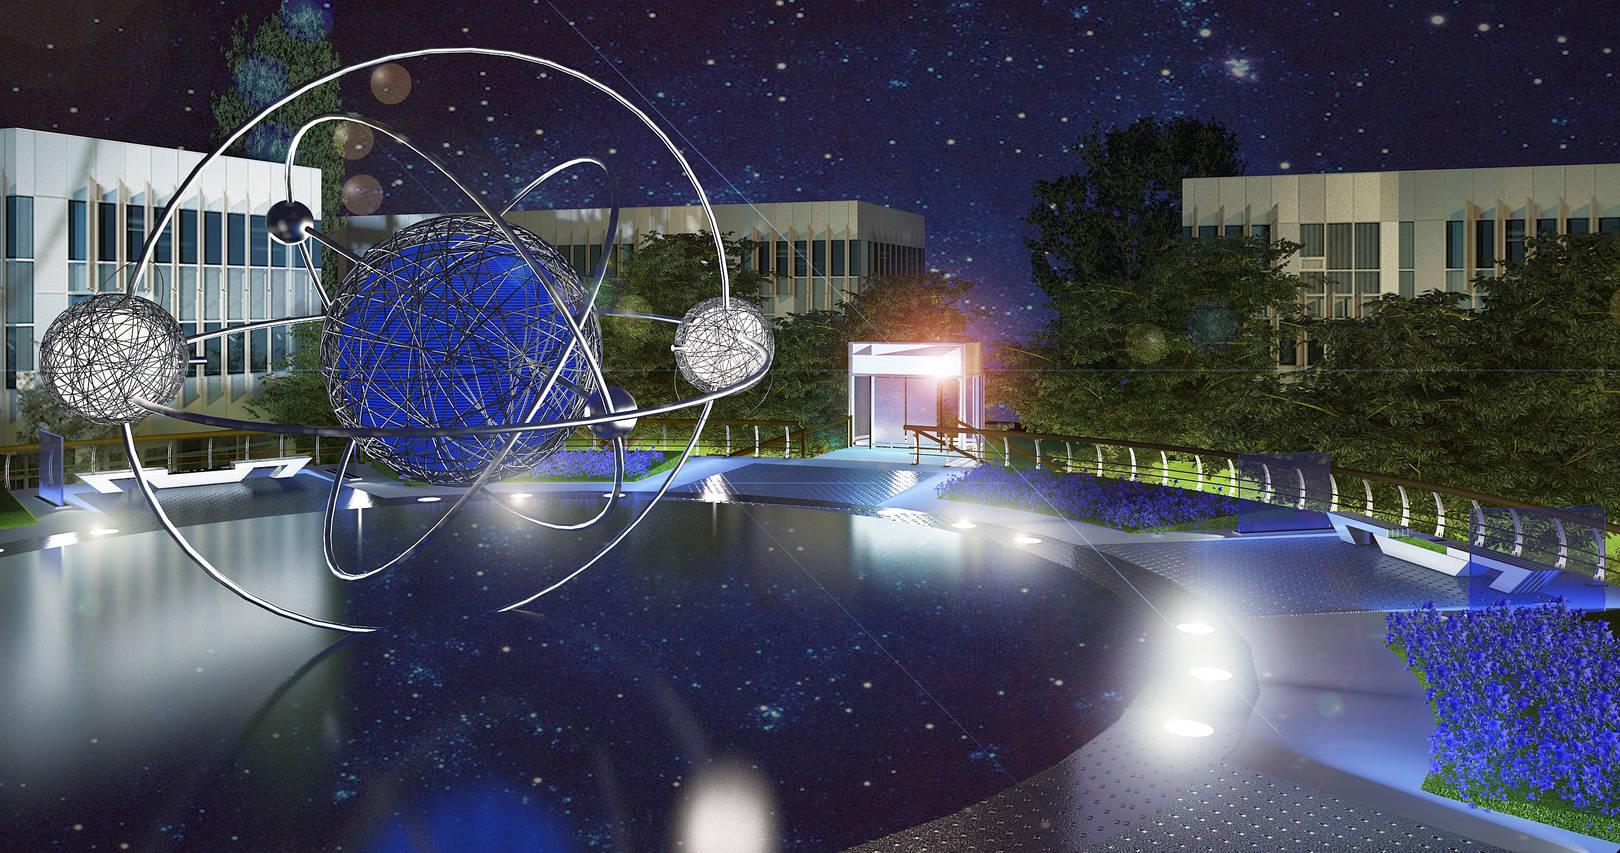 3ds max проект надземного переходу (вигляд увечері)